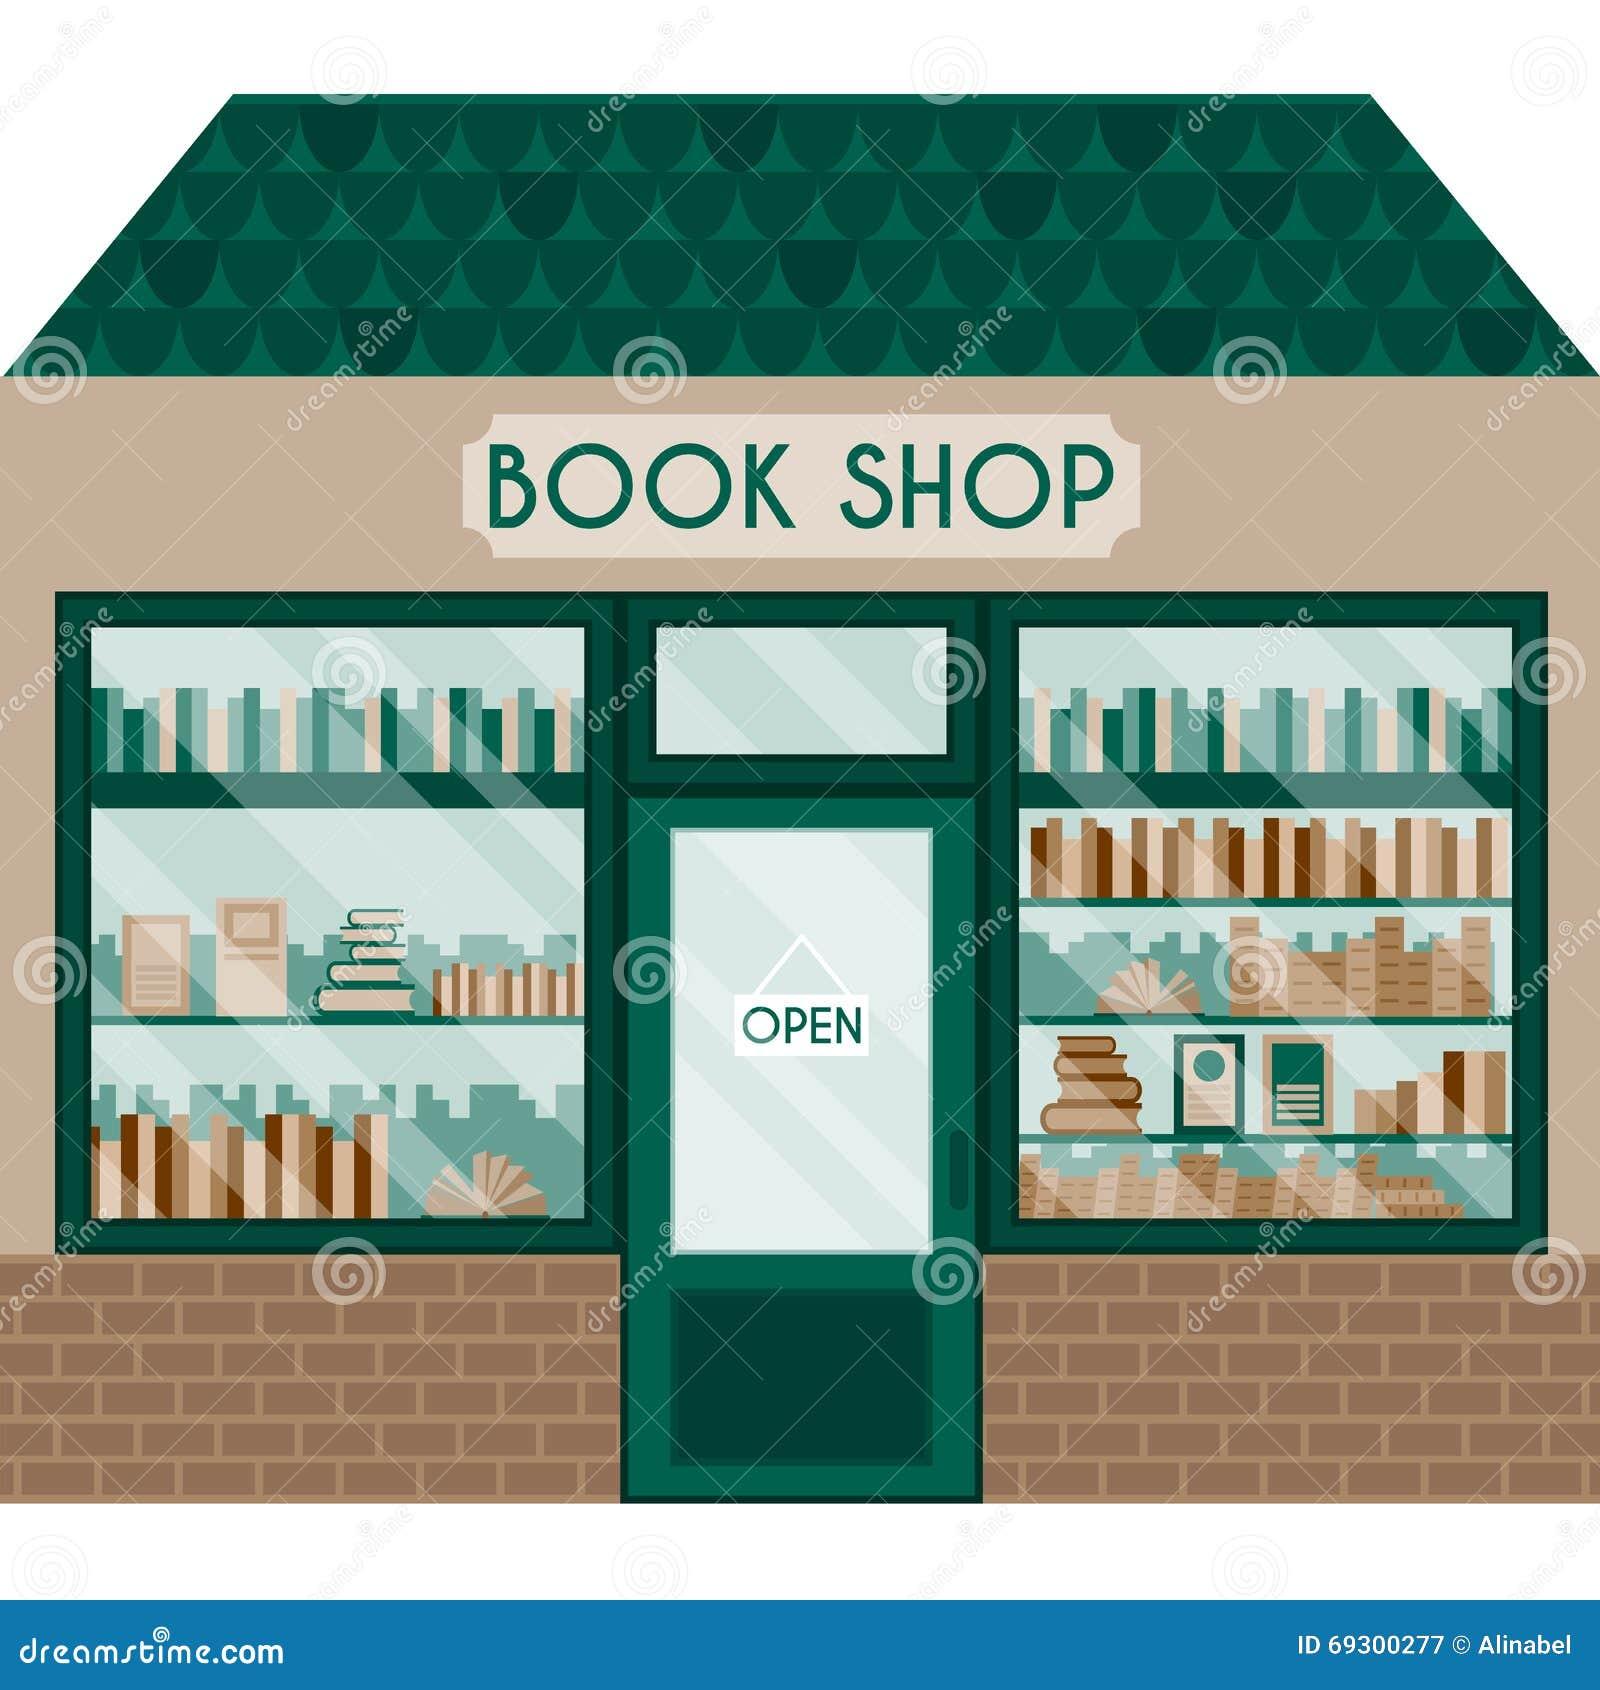 Wektorowa ilustracja z książkowym sklepem